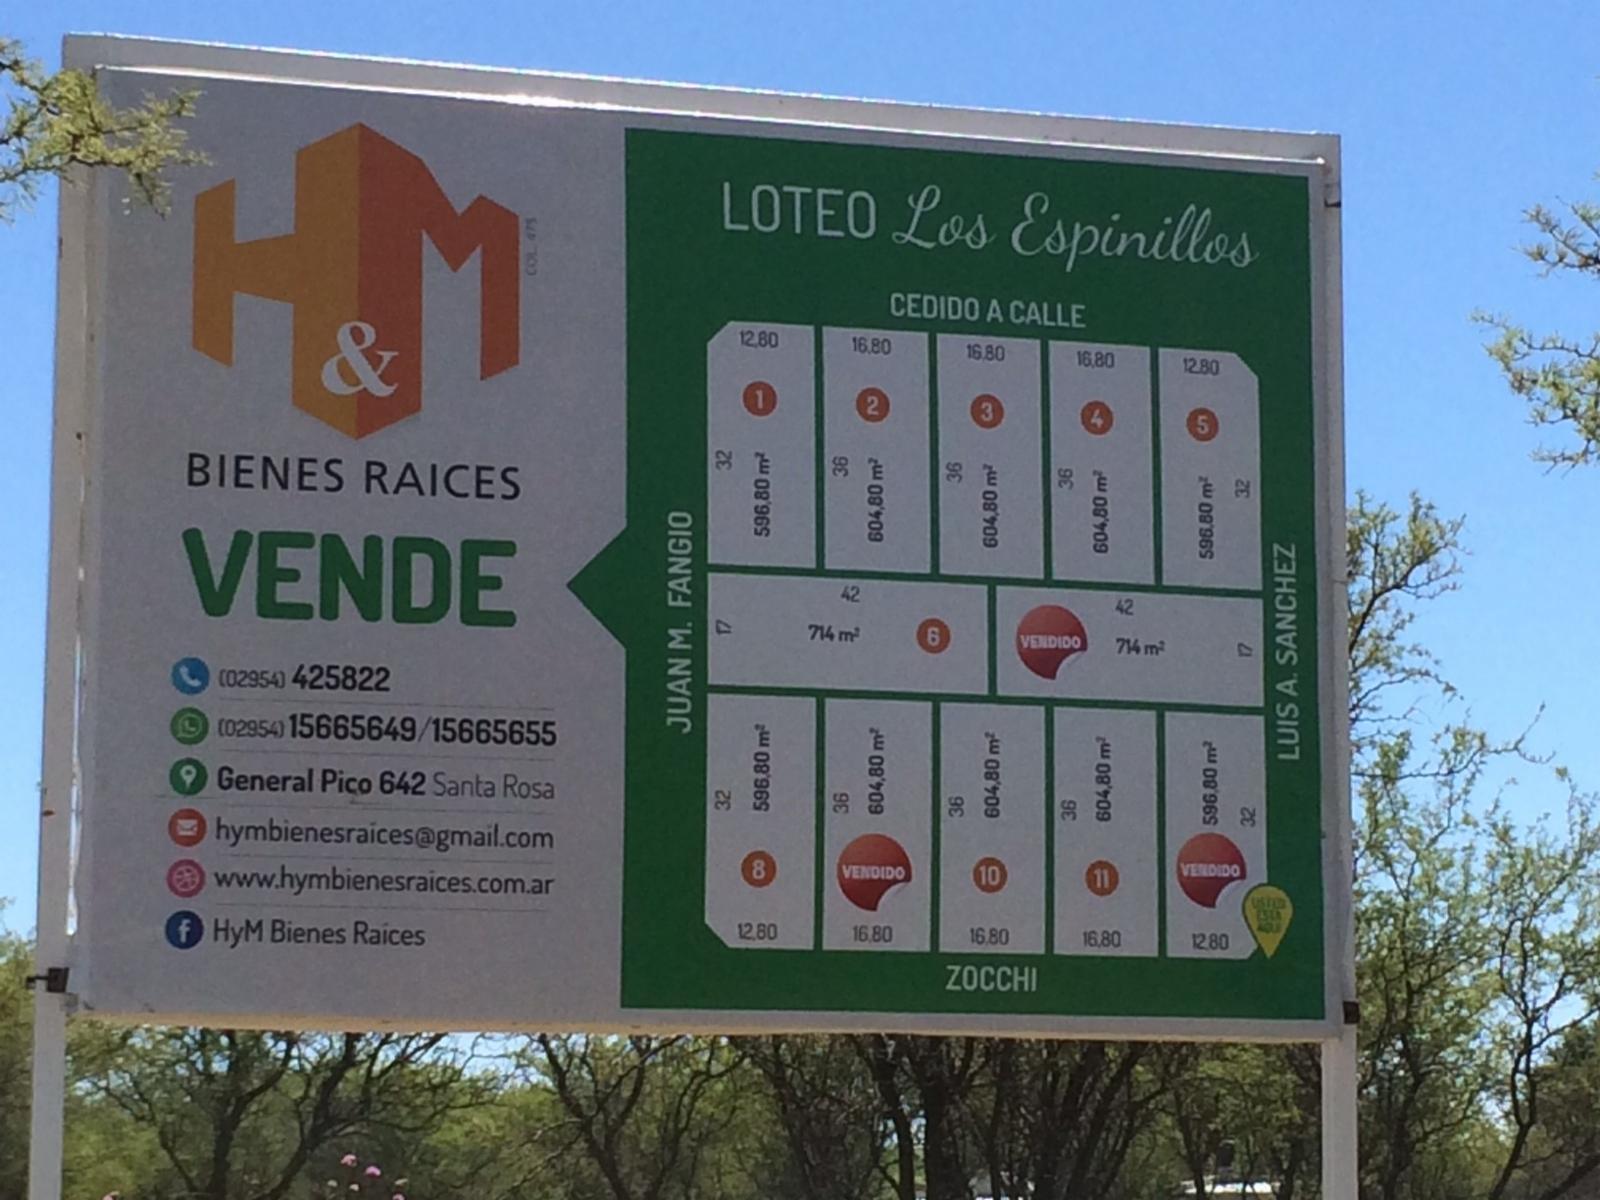 LOTEO SOBRE CALLE ZOCCHI A MTS DE D´ATRI, H&M Bienes Raíces